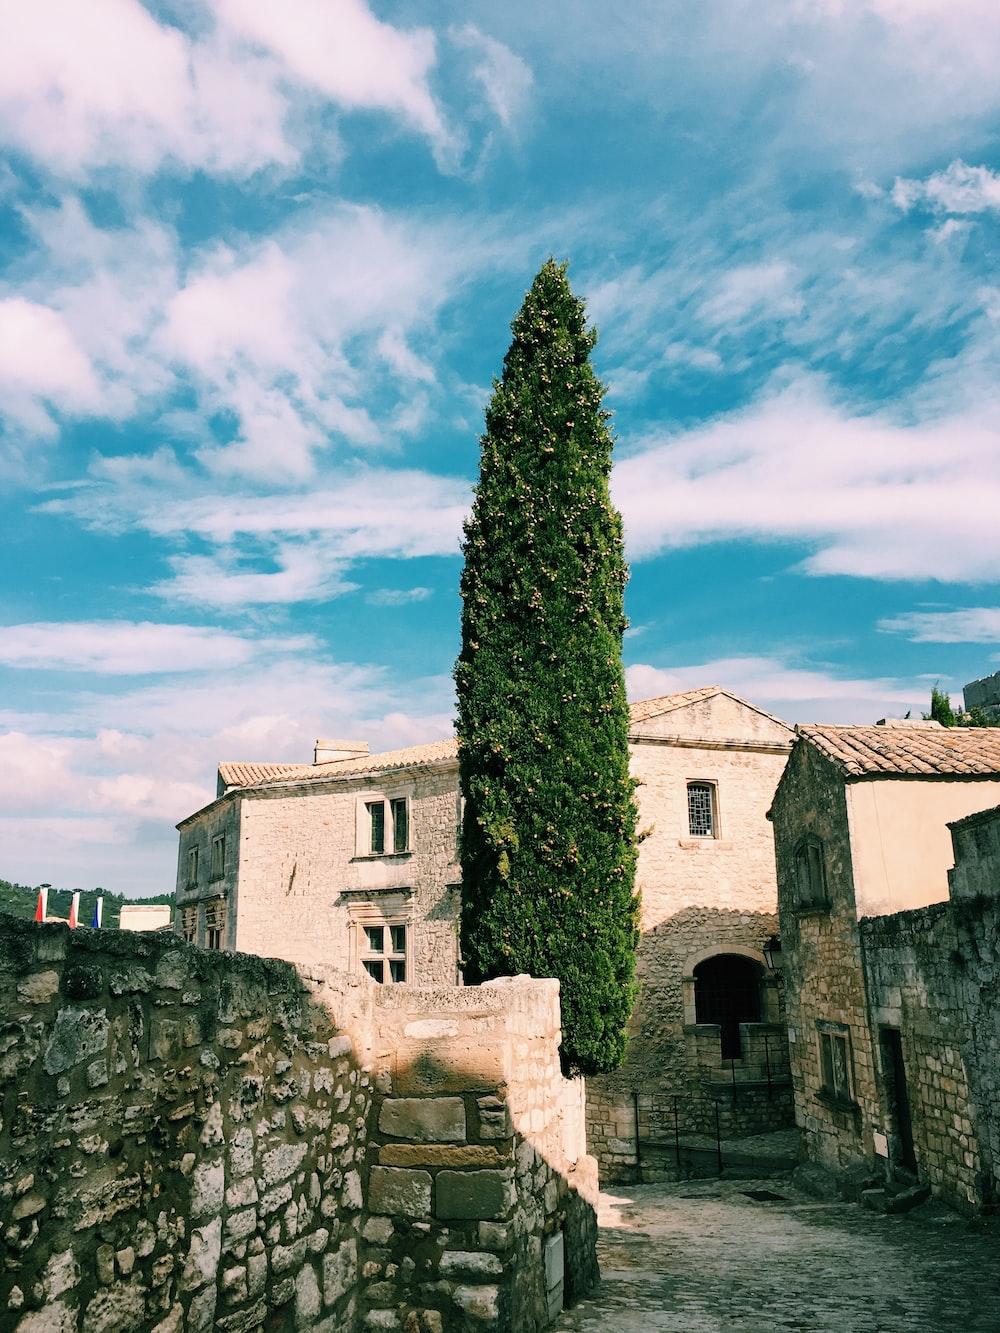 green leaf tree beside walls near building